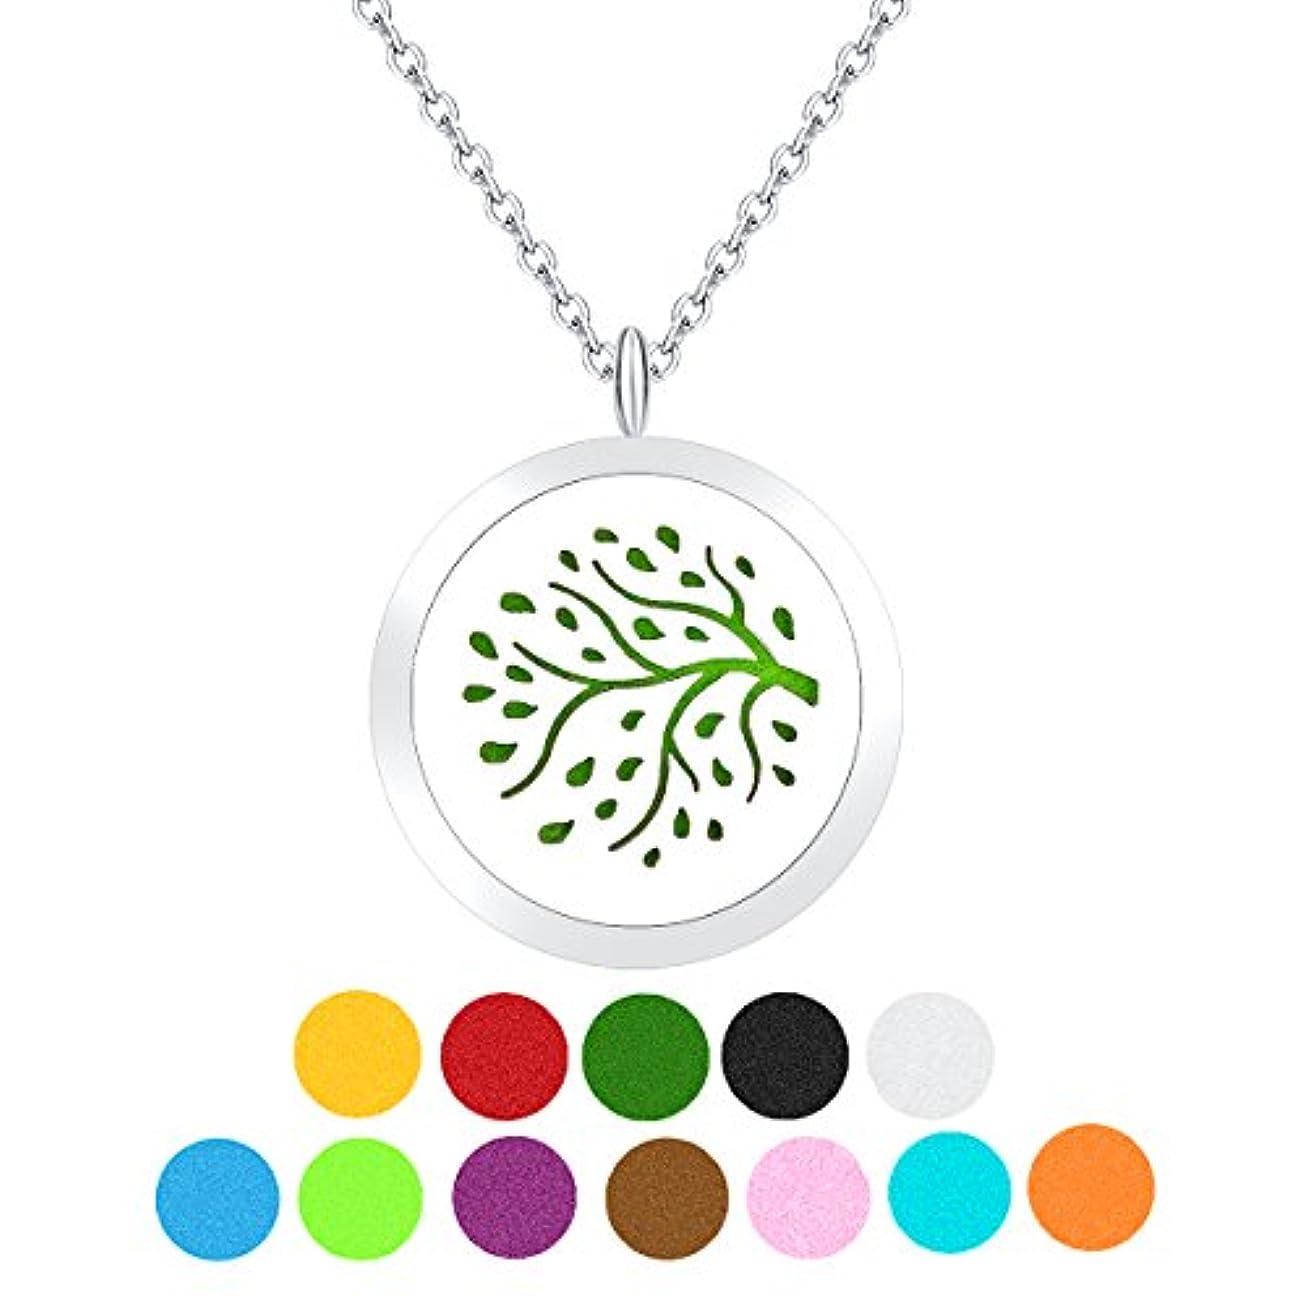 動機モザイク太平洋諸島ZARABE Aromatherapy Essential Oil Diffuser necklace-treeロケットペンダント、12 pcカラフルRefill Pads